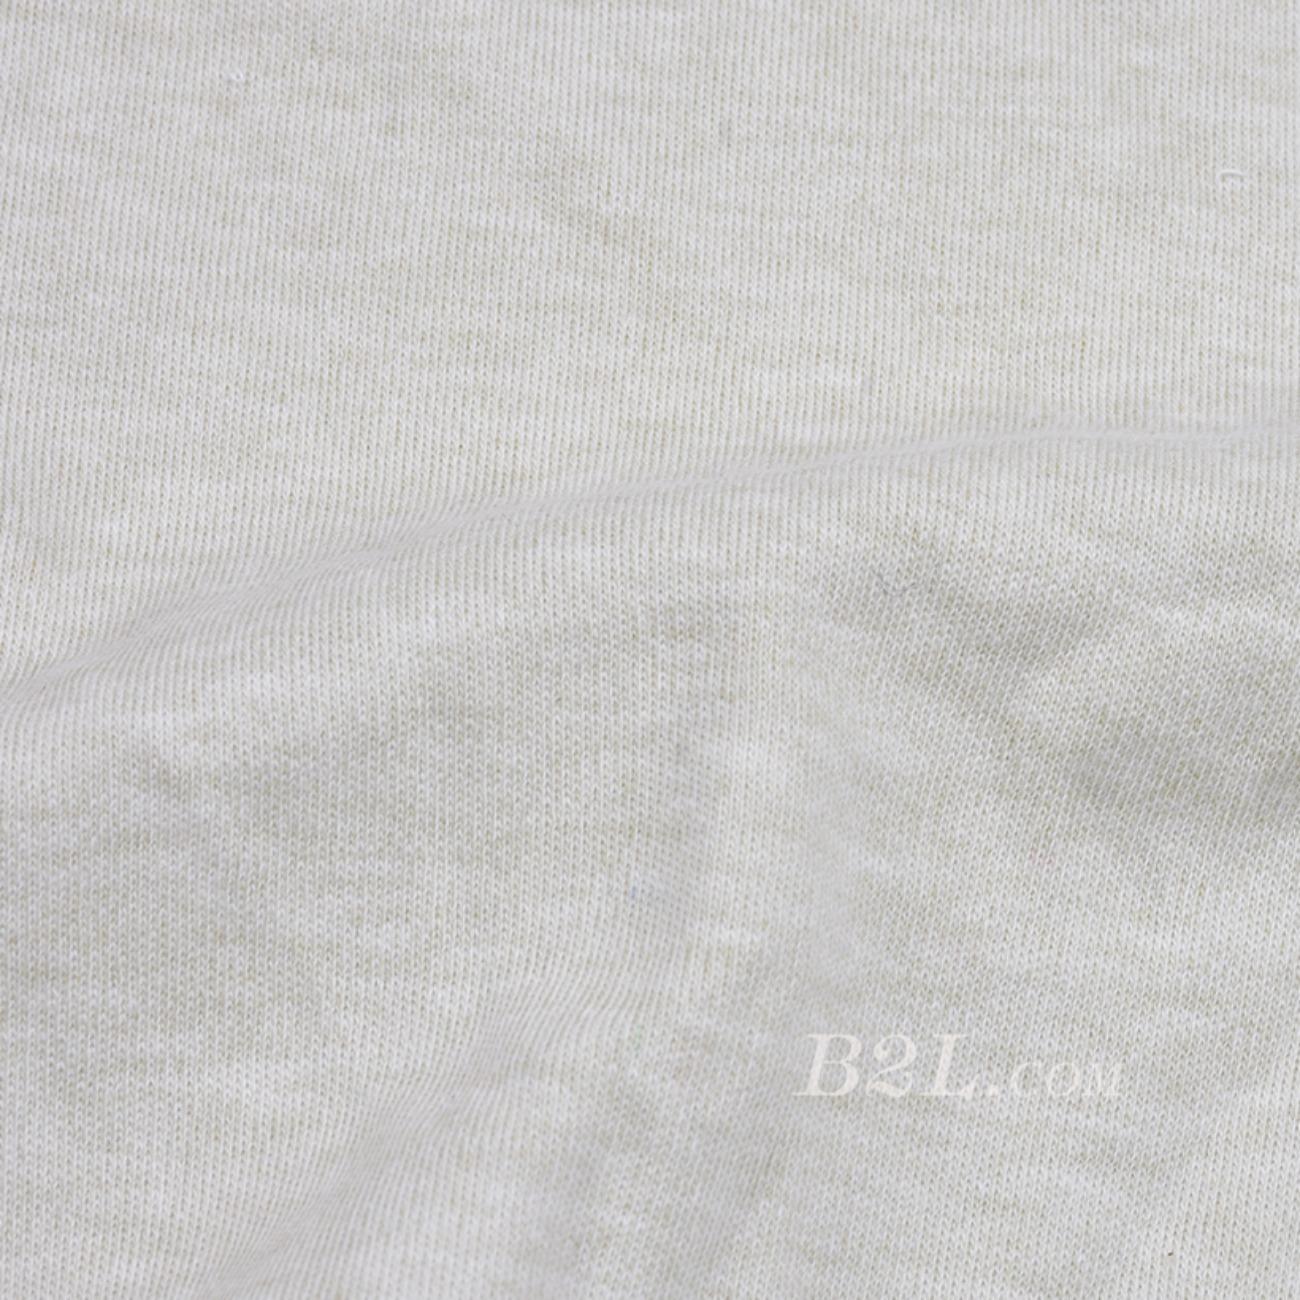 素色 梭织 染色 低弹 春秋 连衣裙 时装 90304-28